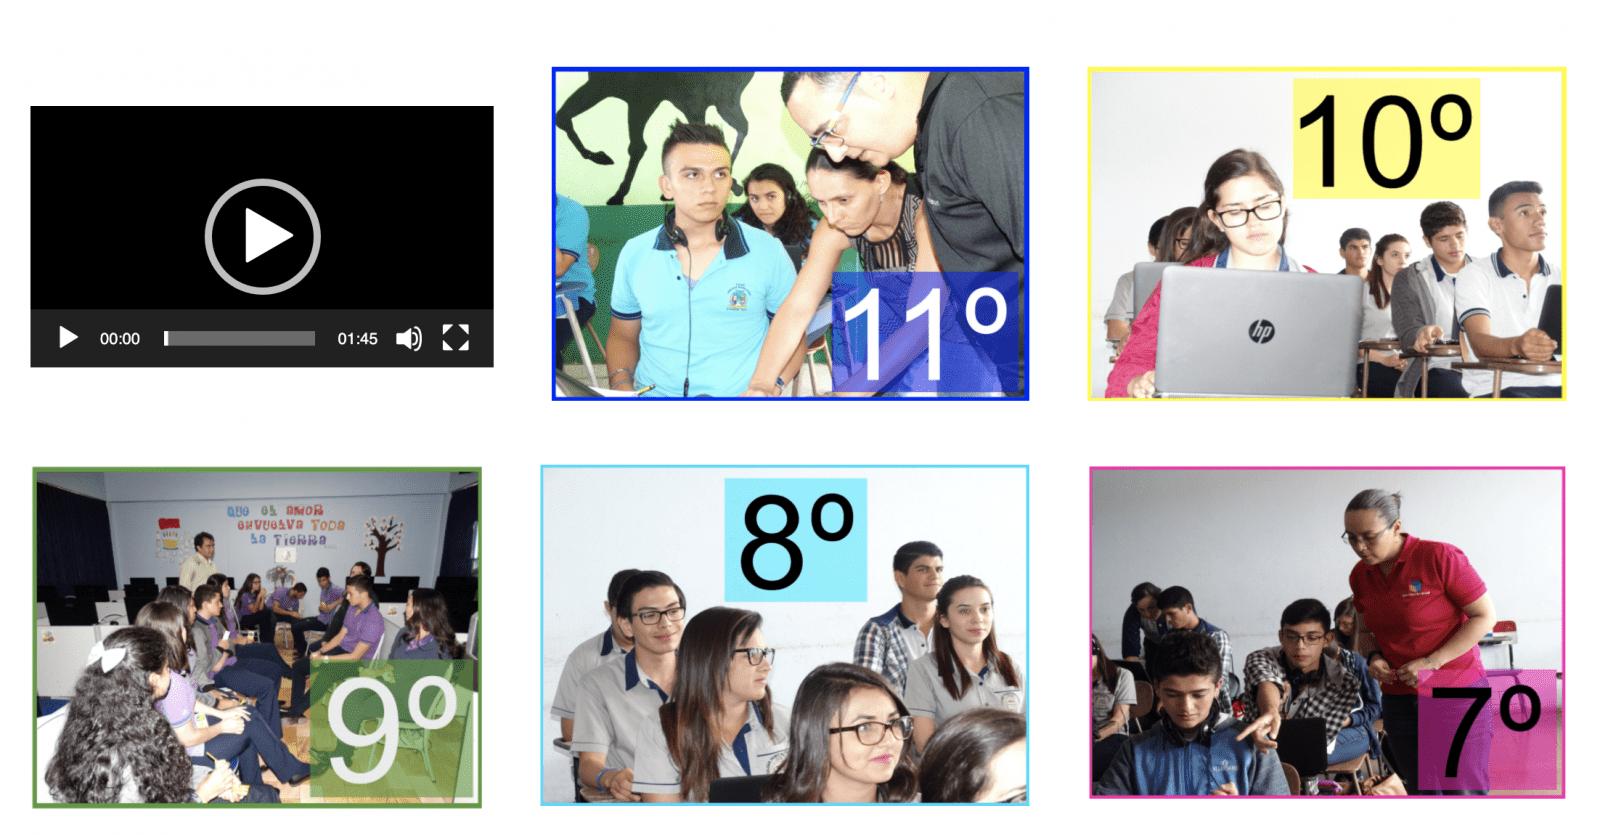 Captura de pantalla 2020-06-24 12.10.49